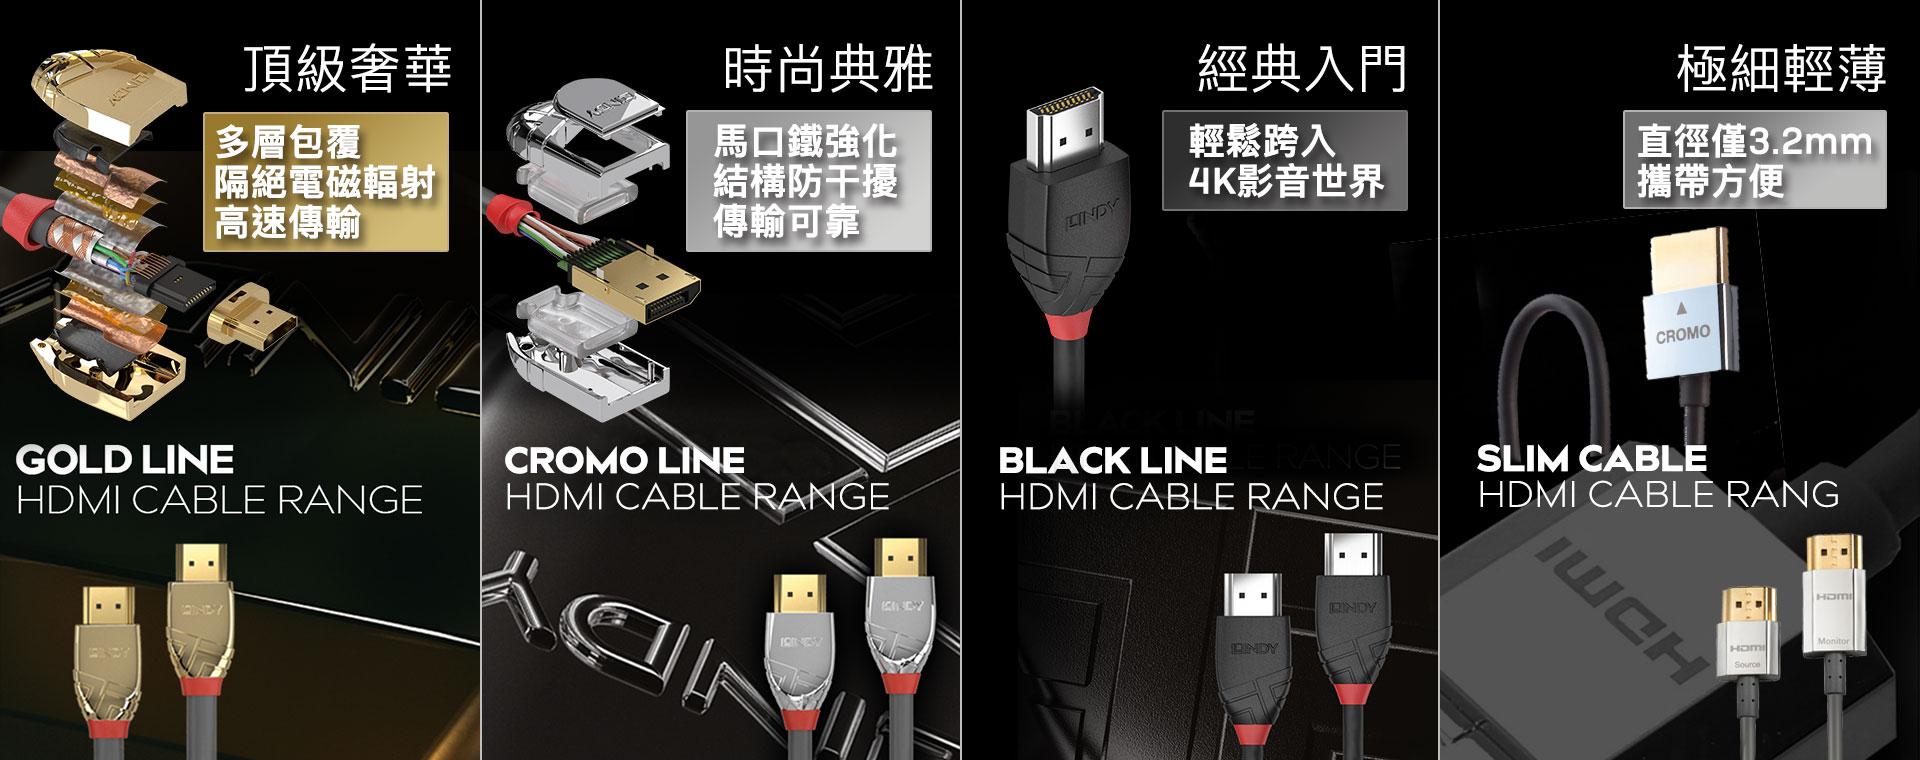 HDMI線材比較表